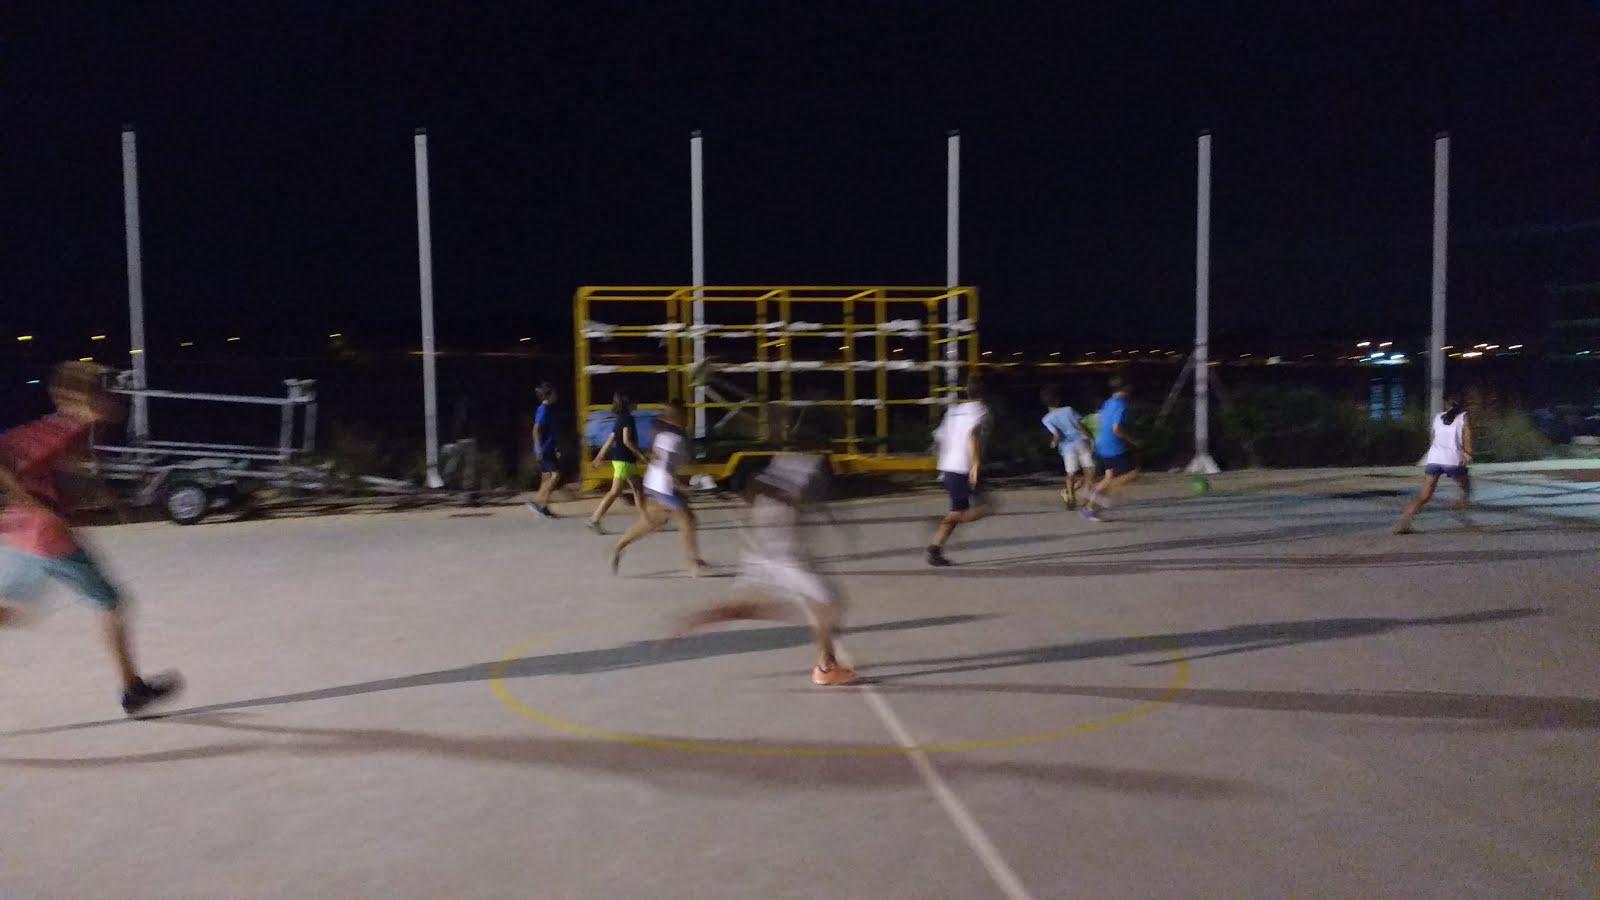 Futbol Por La Noche